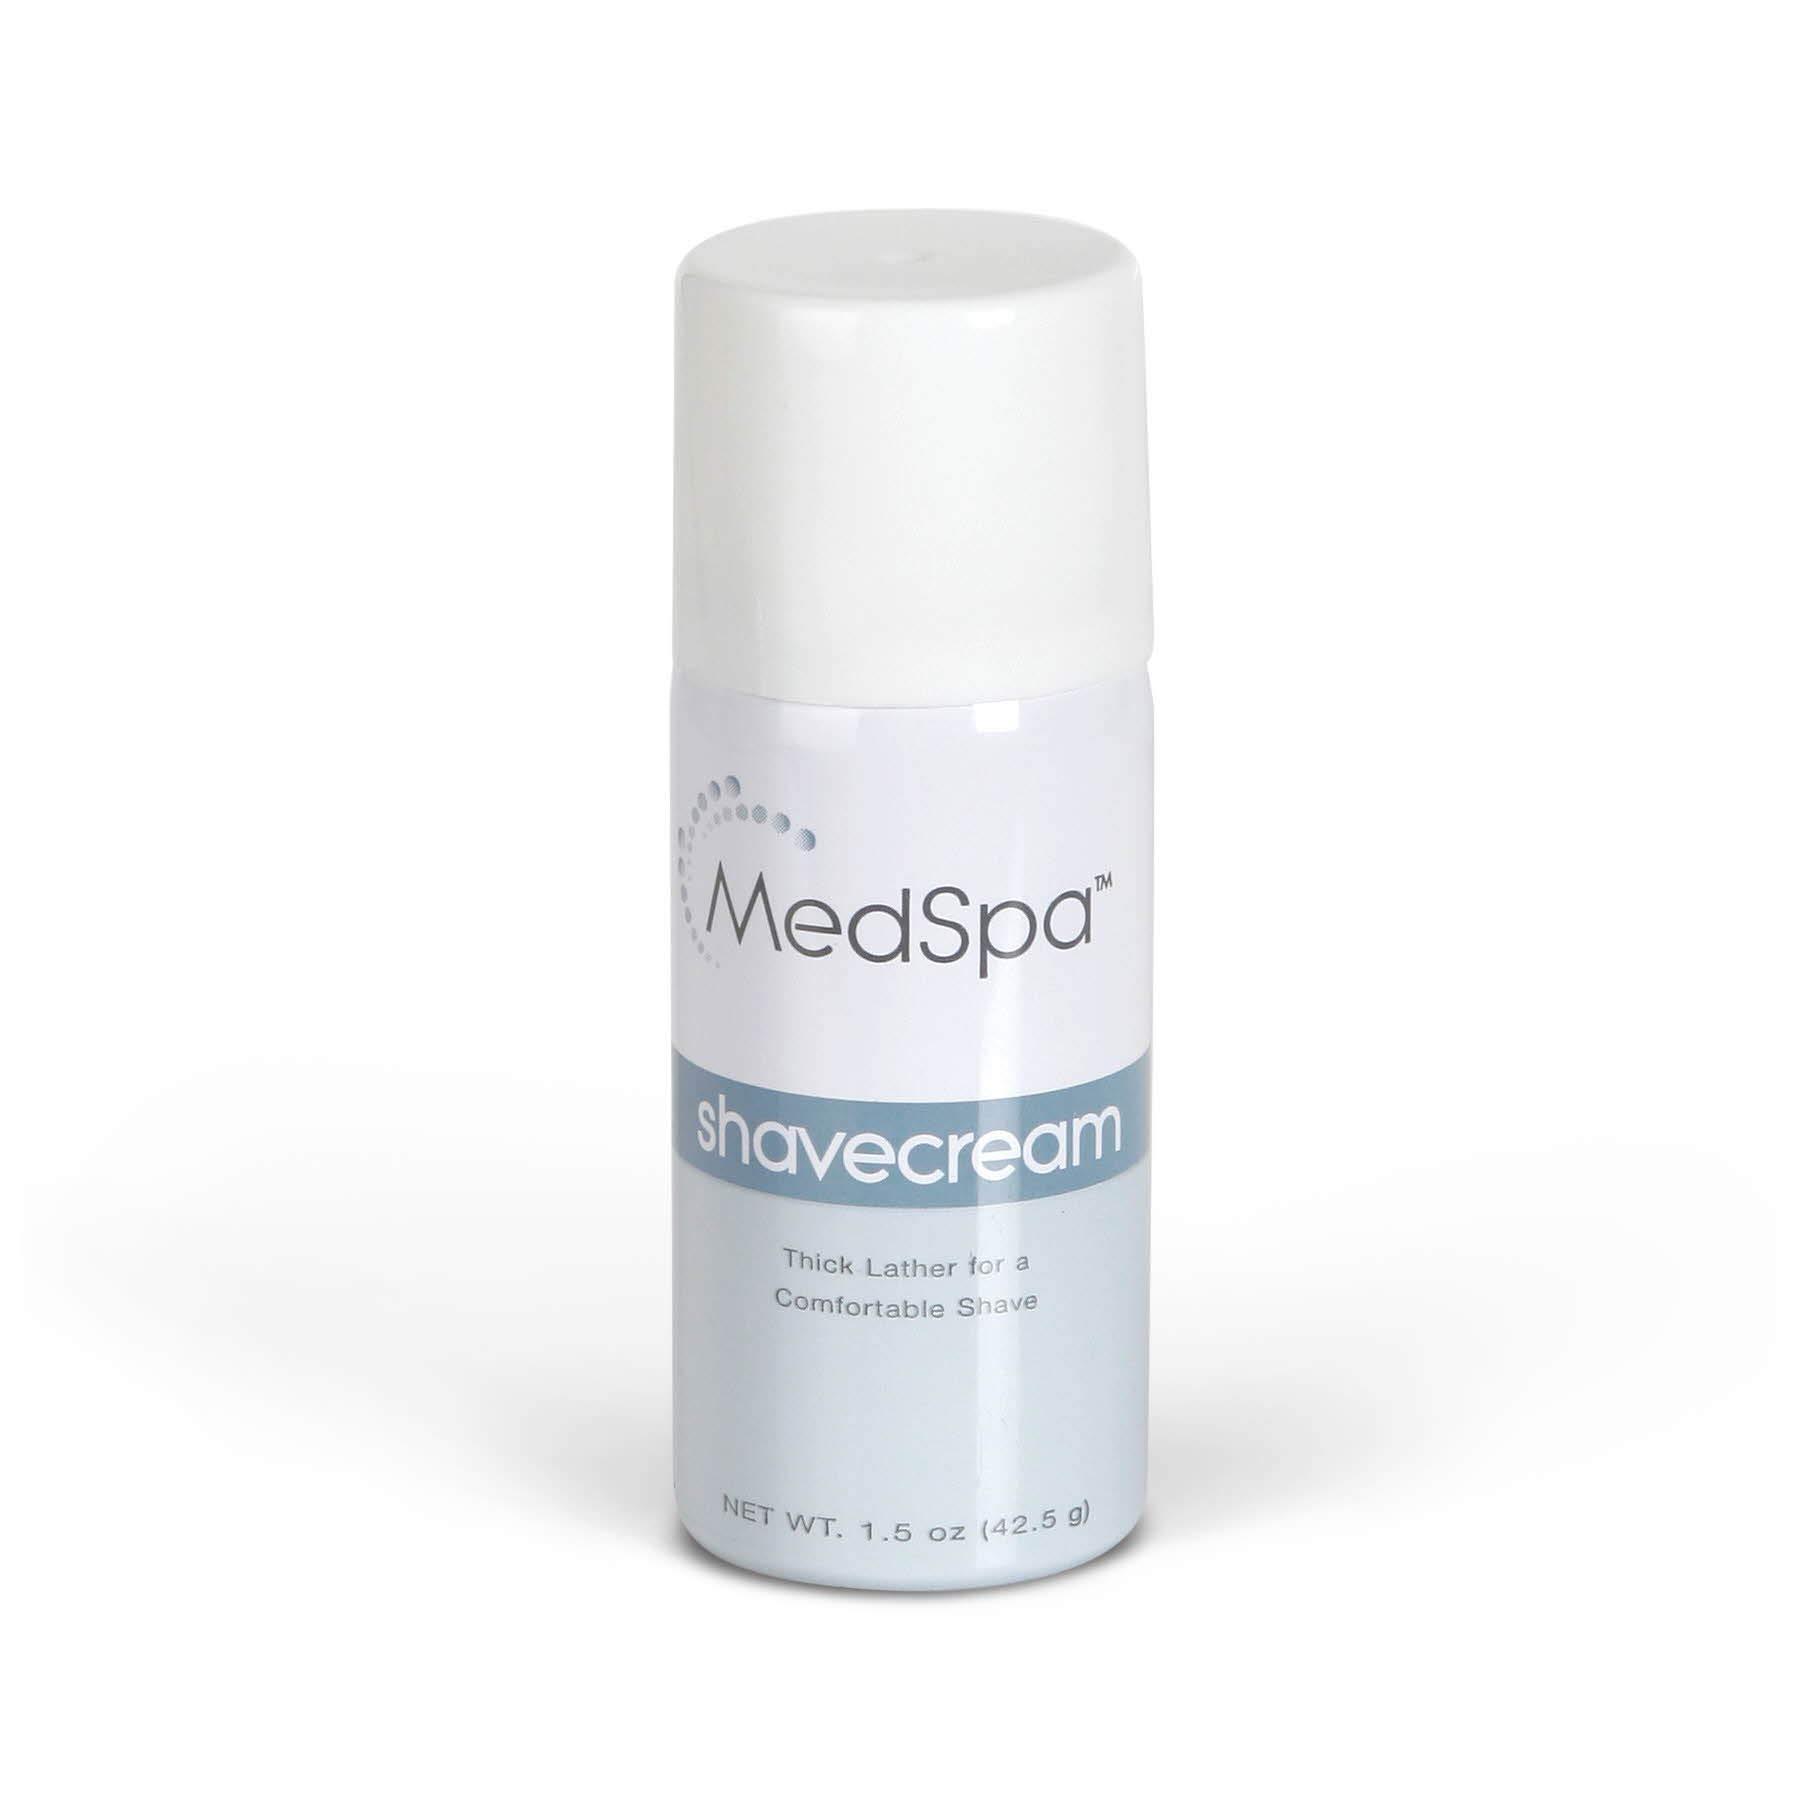 Medline MSC095014 MedSpa Shave Cream, 1.5 oz (Pack of 144) by Medline